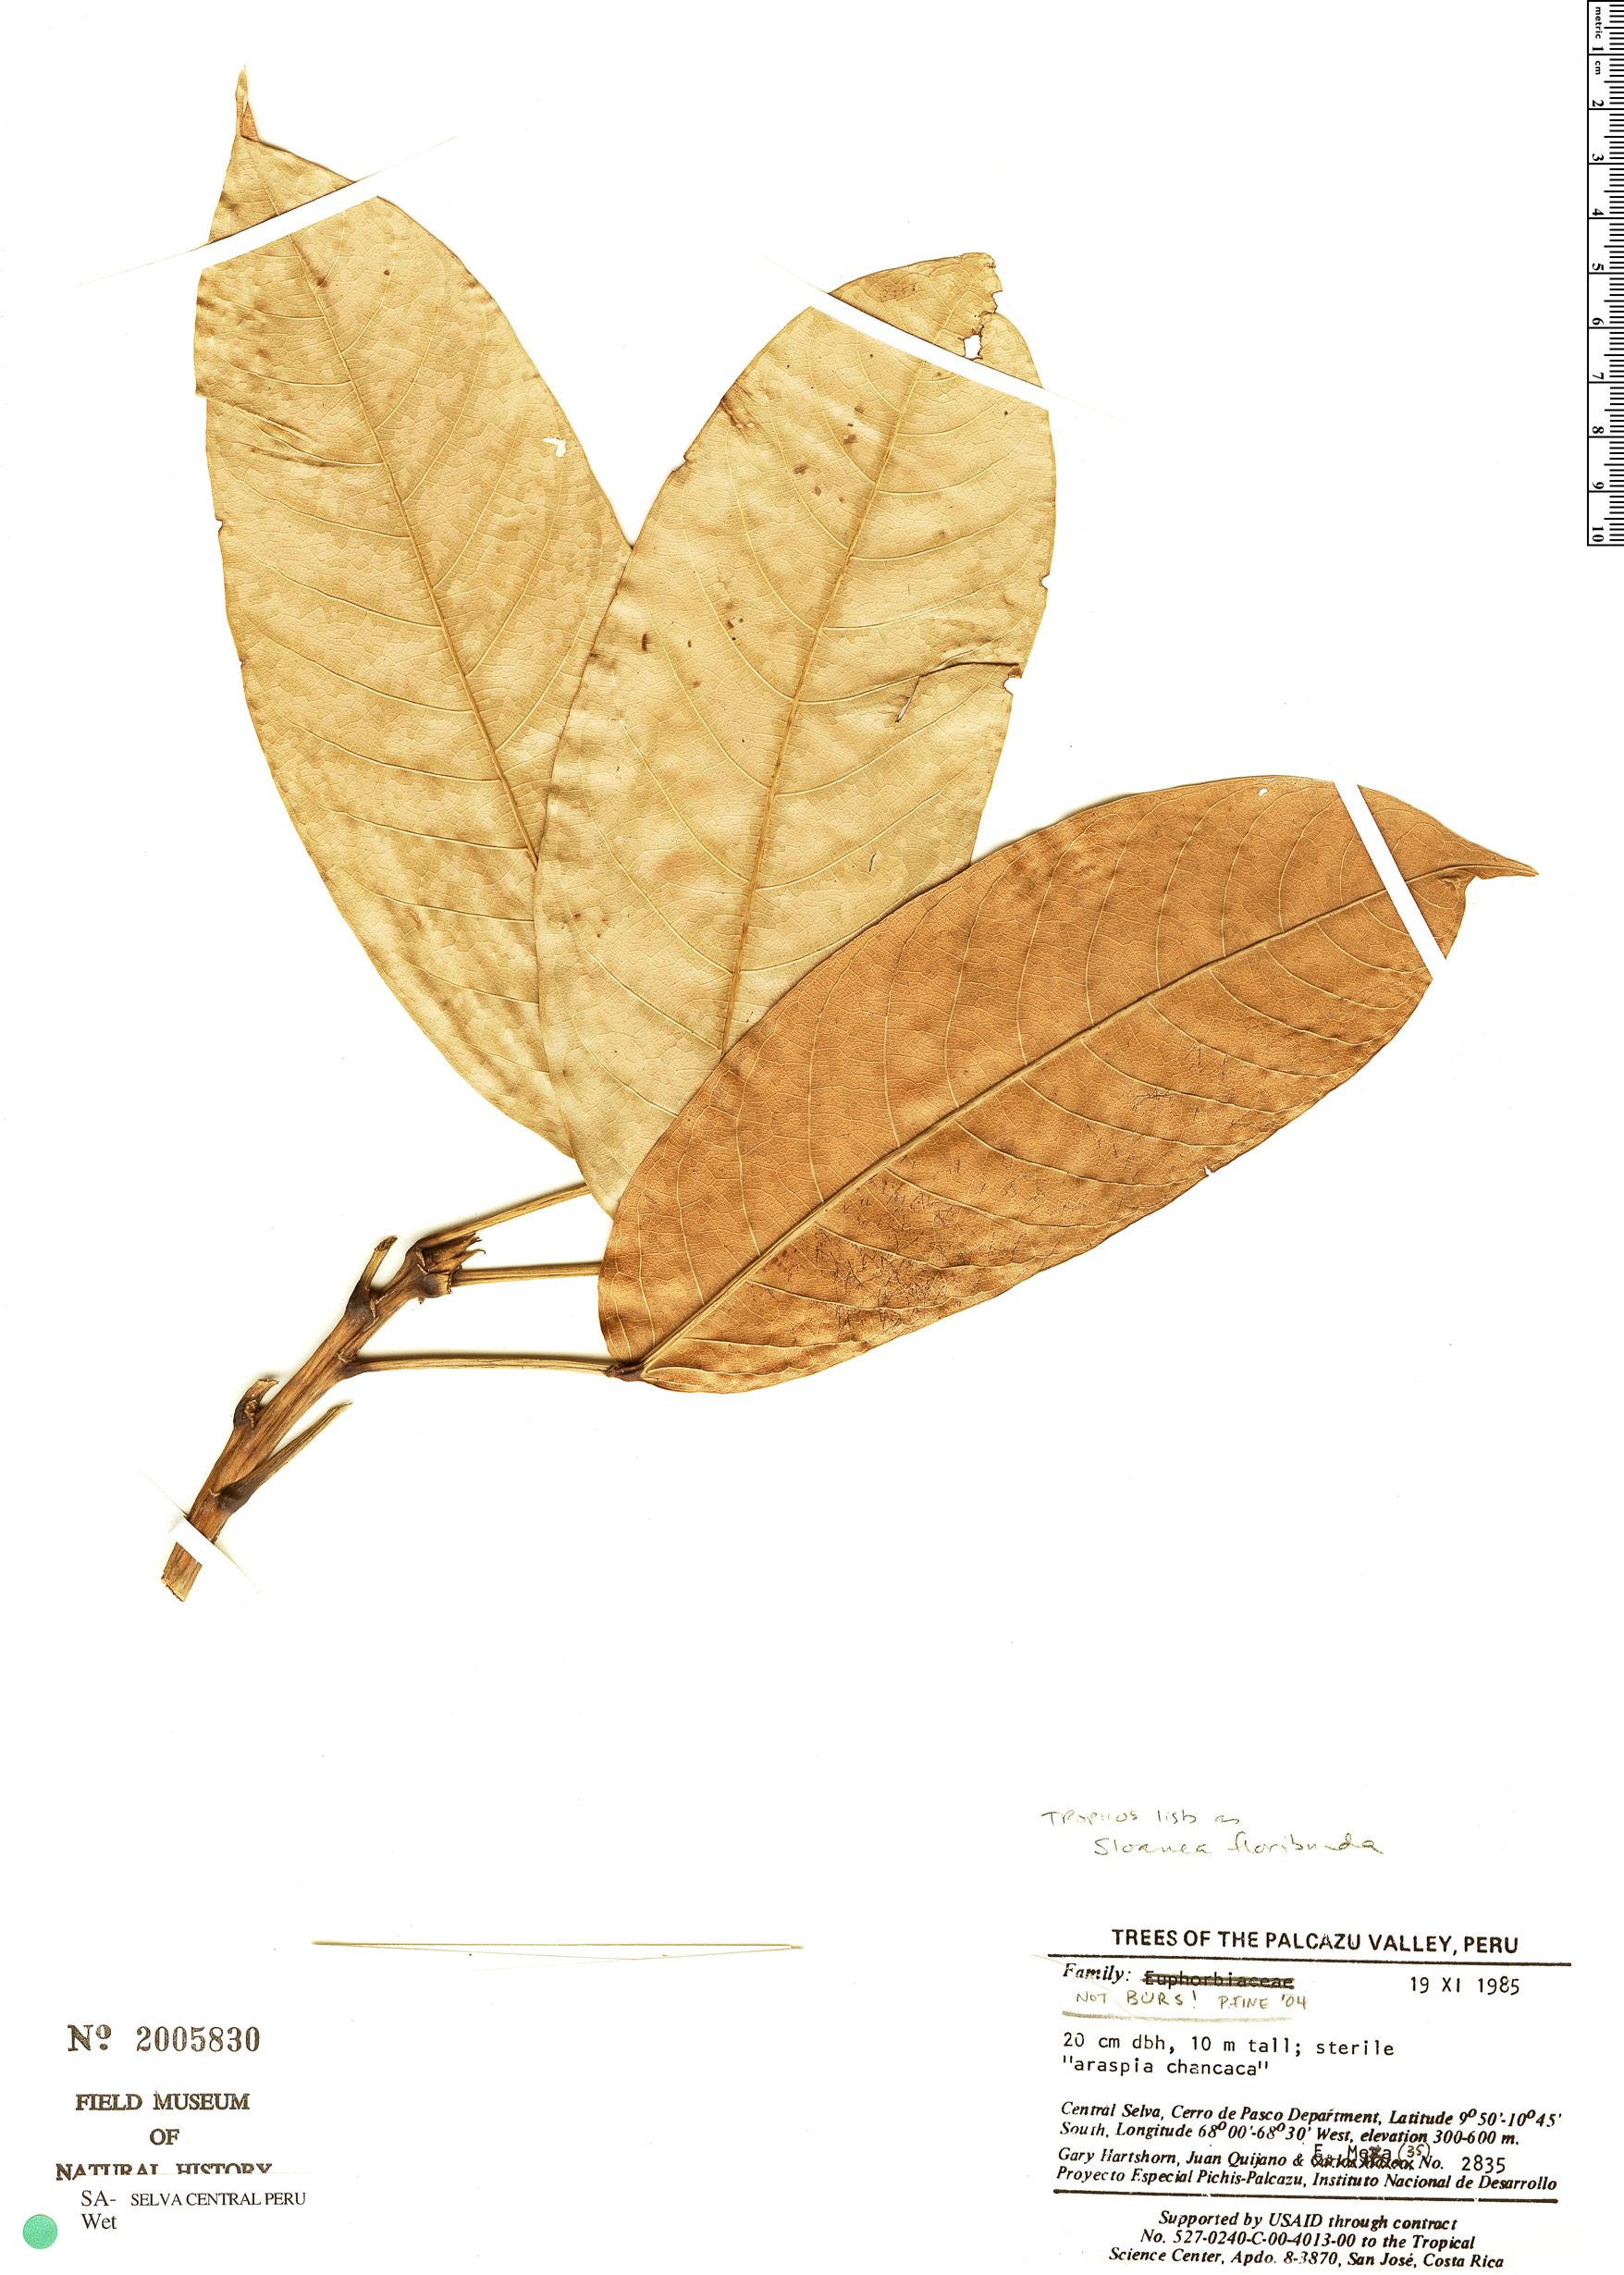 Espécimen: Sloanea floribunda